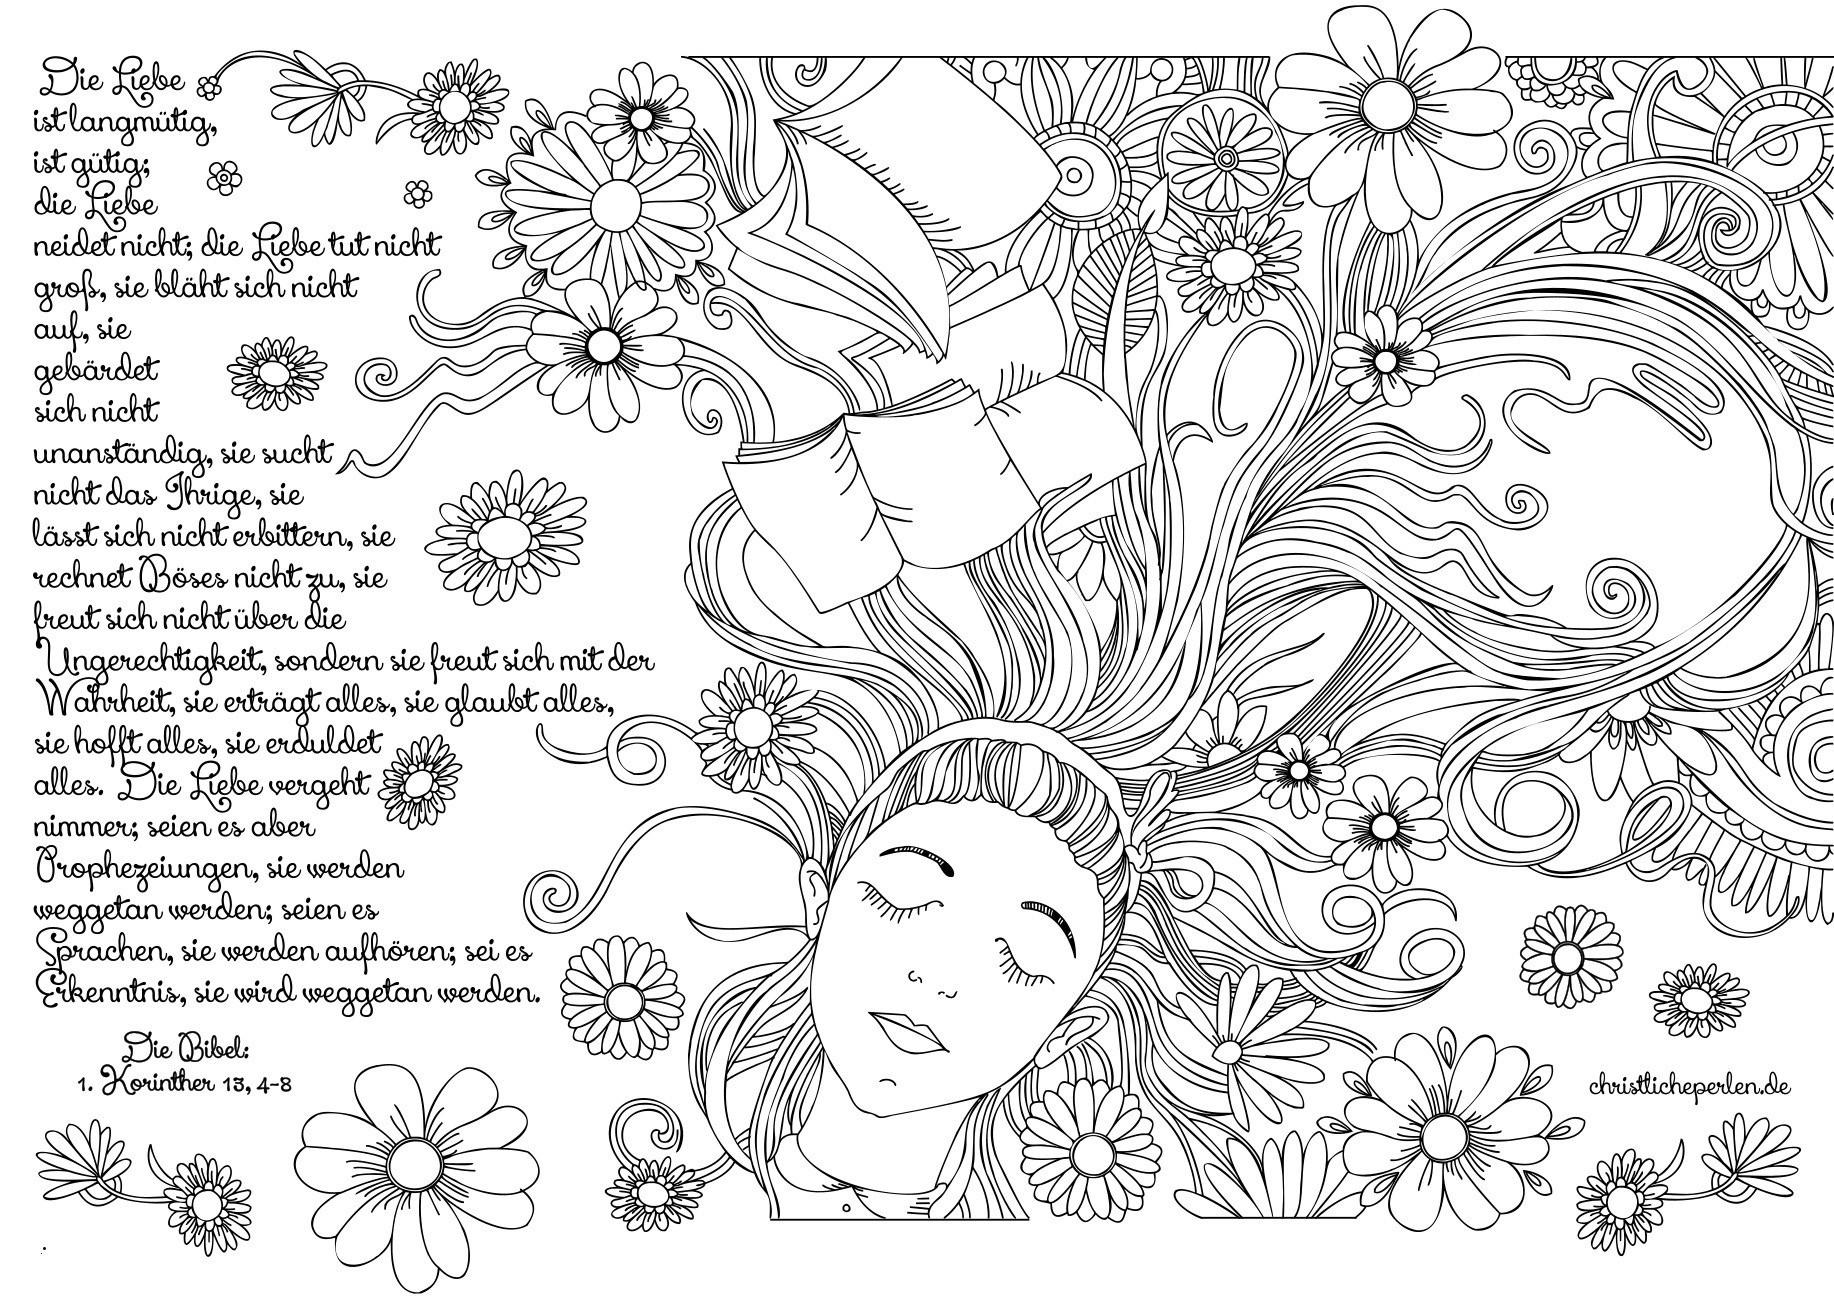 Ausmalbilder Weihnachten Mandala Frisch 40 Entwurf Ausmalbilder Mandala Herbst Treehouse Nyc Sammlung